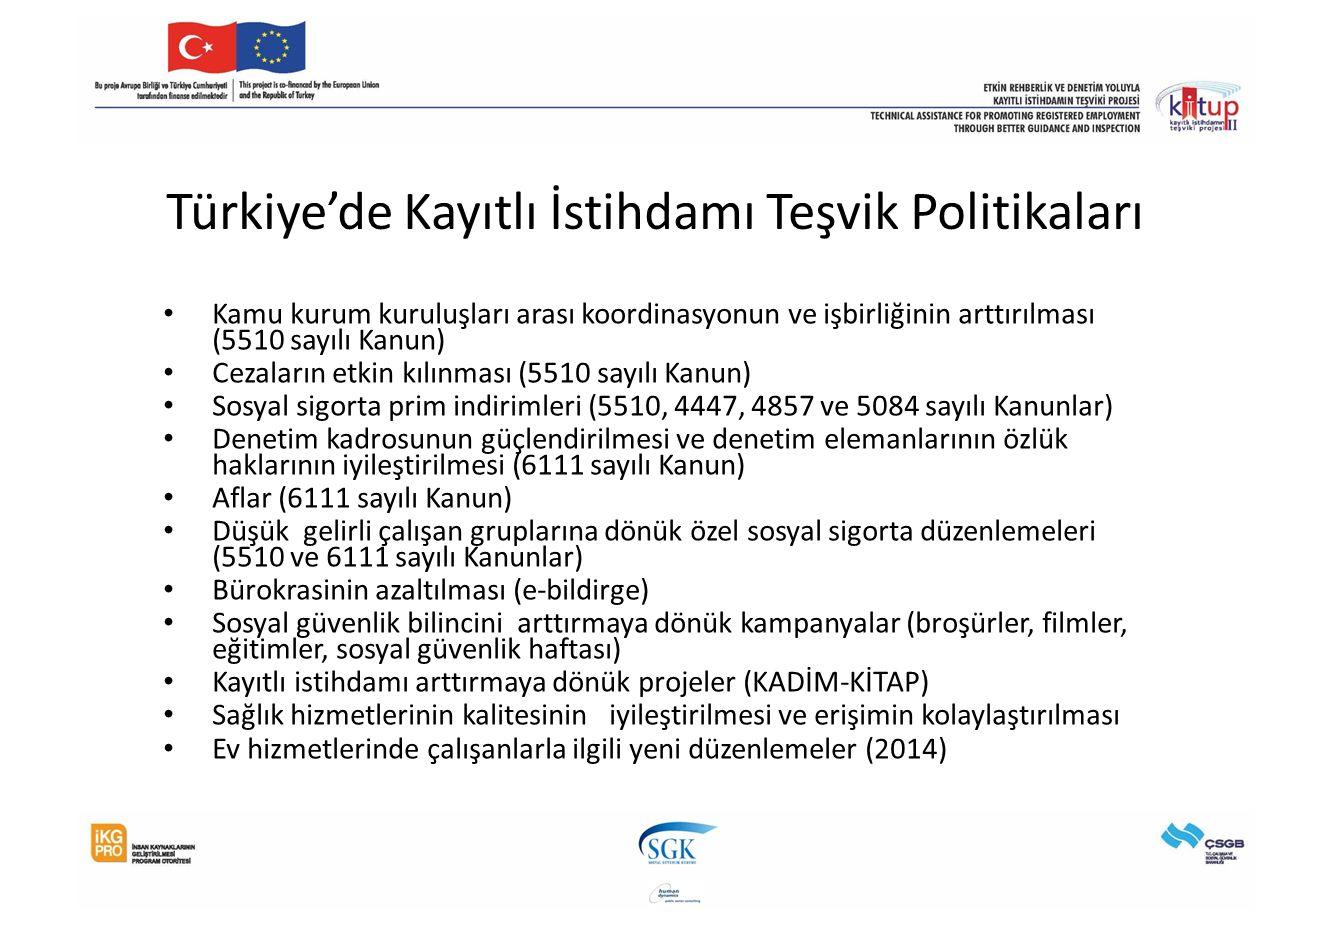 Türkiye'de Kayıtlı İstihdamı Teşvik Politikaları Kamu kurum kuruluşları arası koordinasyonun ve işbirliğinin arttırılması (5510 sayılı Kanun) Cezaları